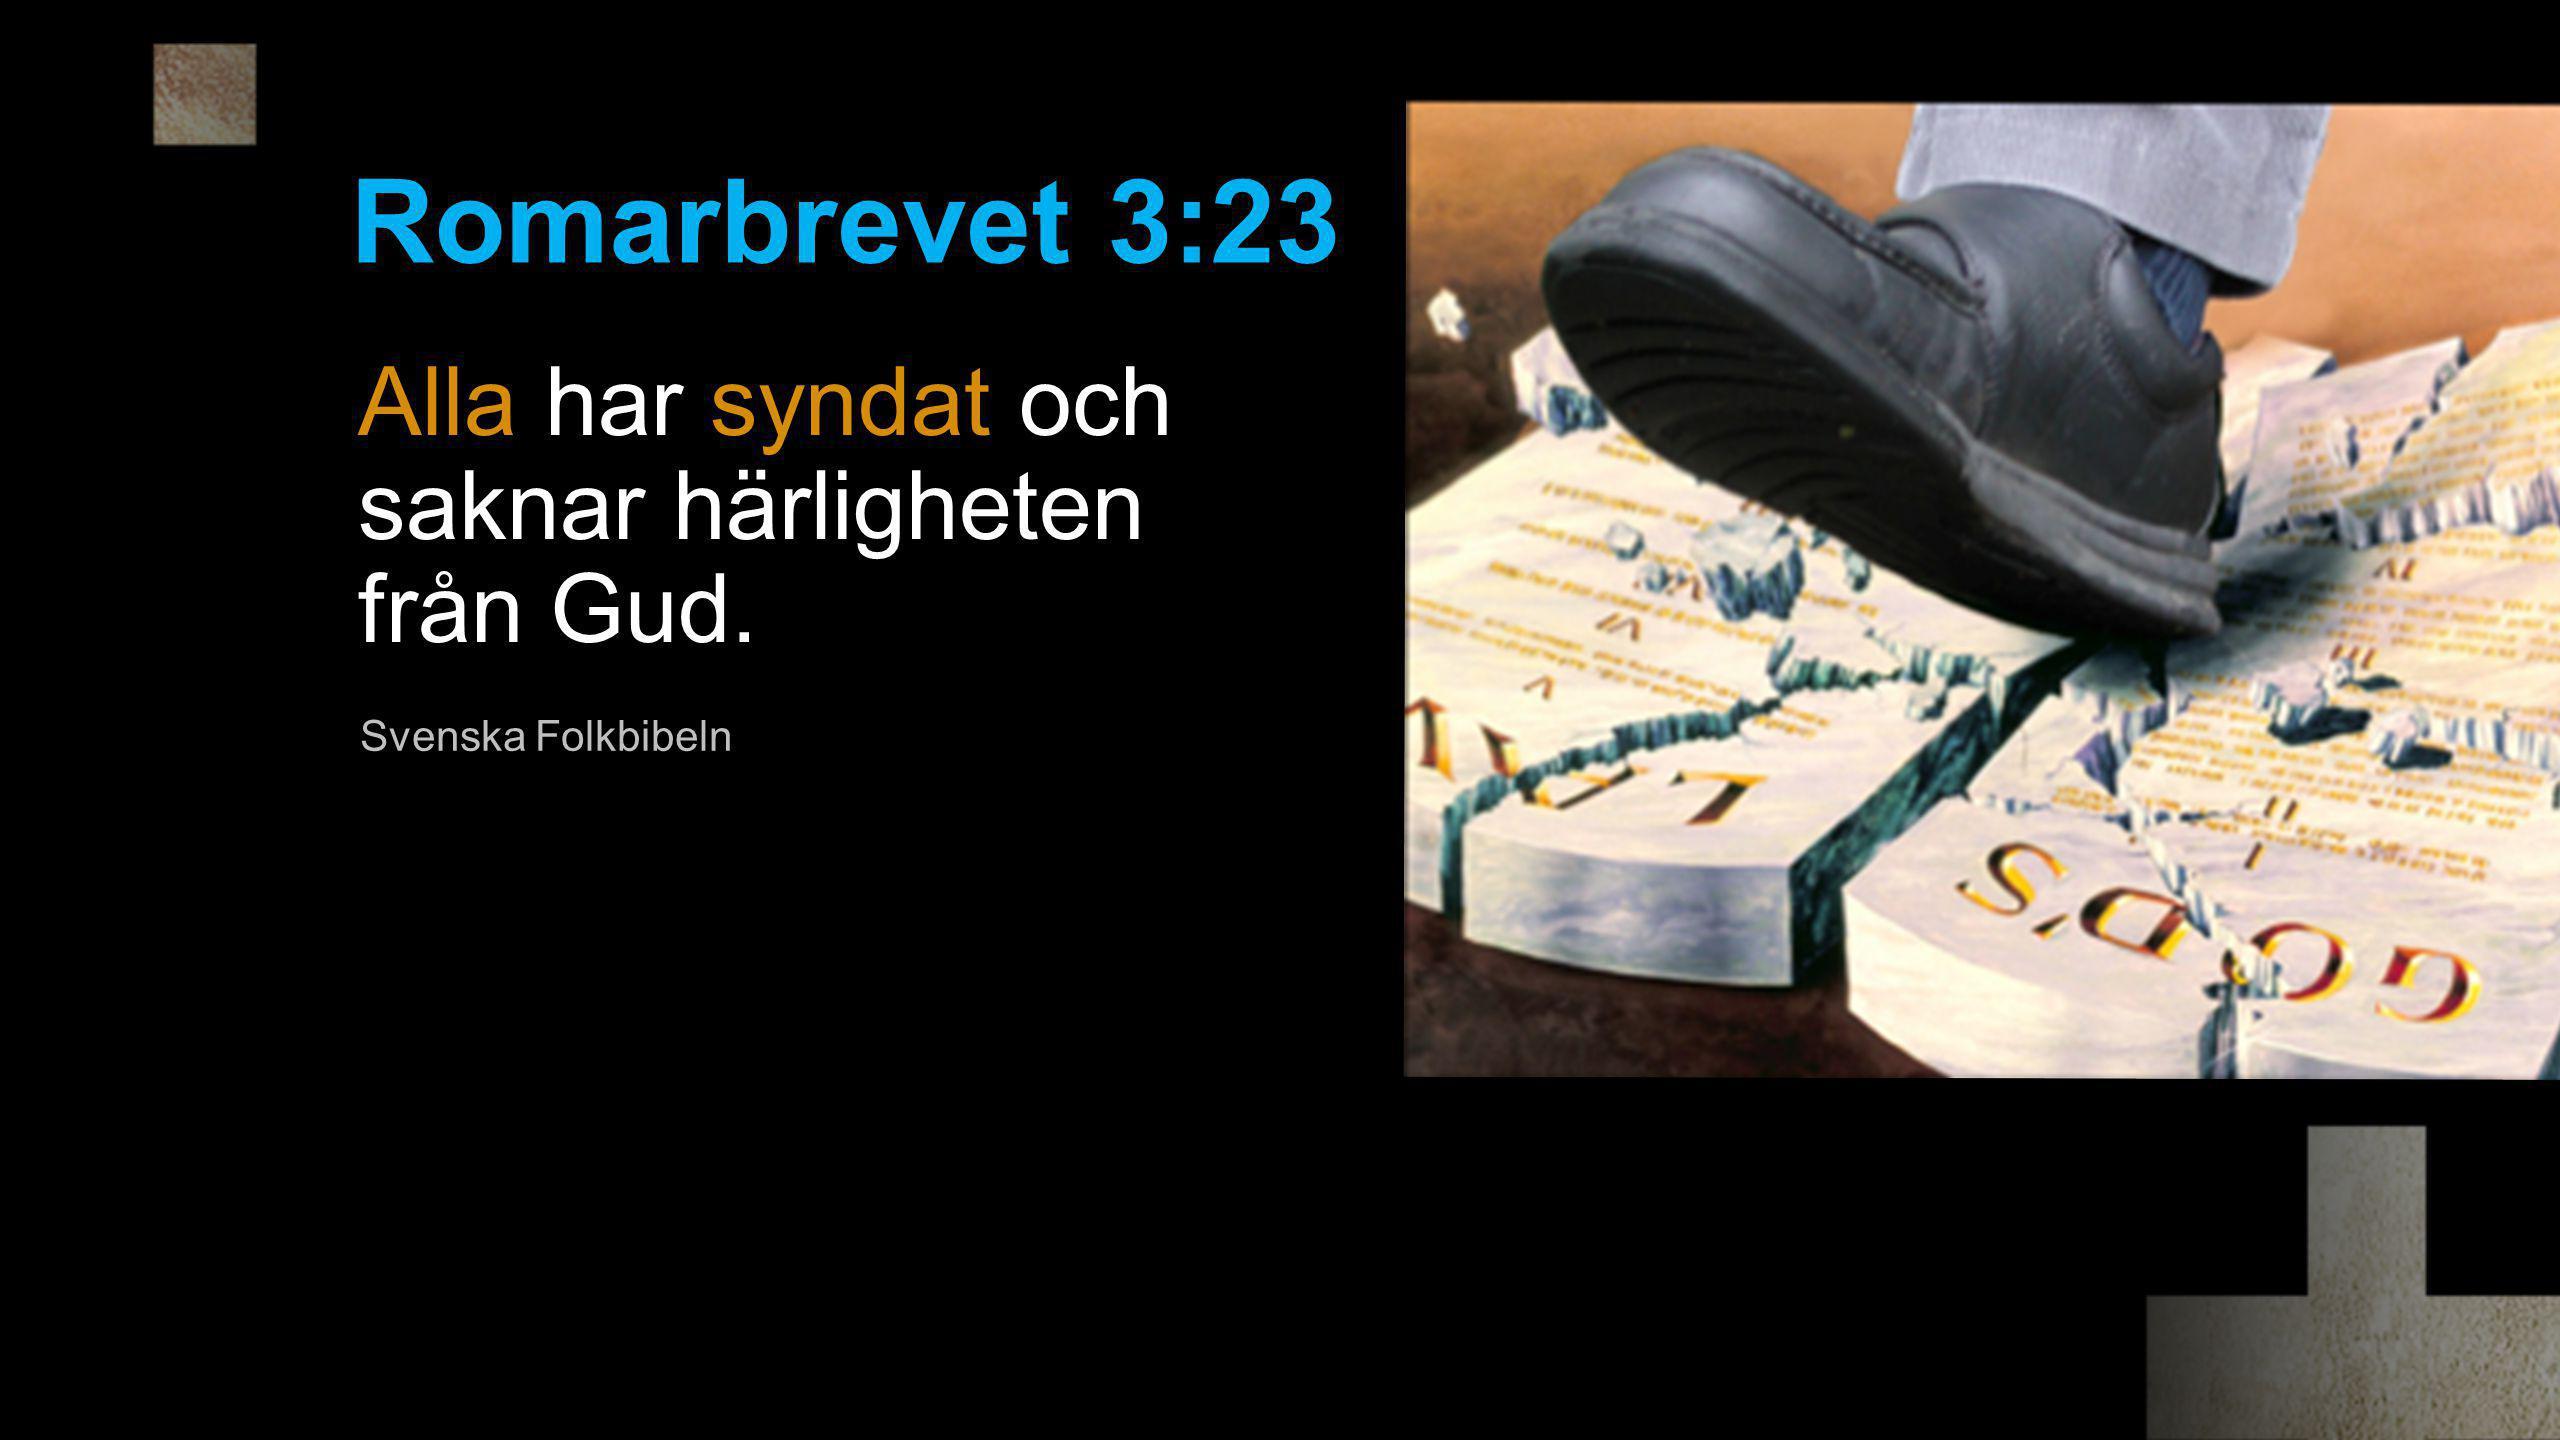 Romarbrevet 3:23 Alla har syndat och saknar härligheten från Gud.